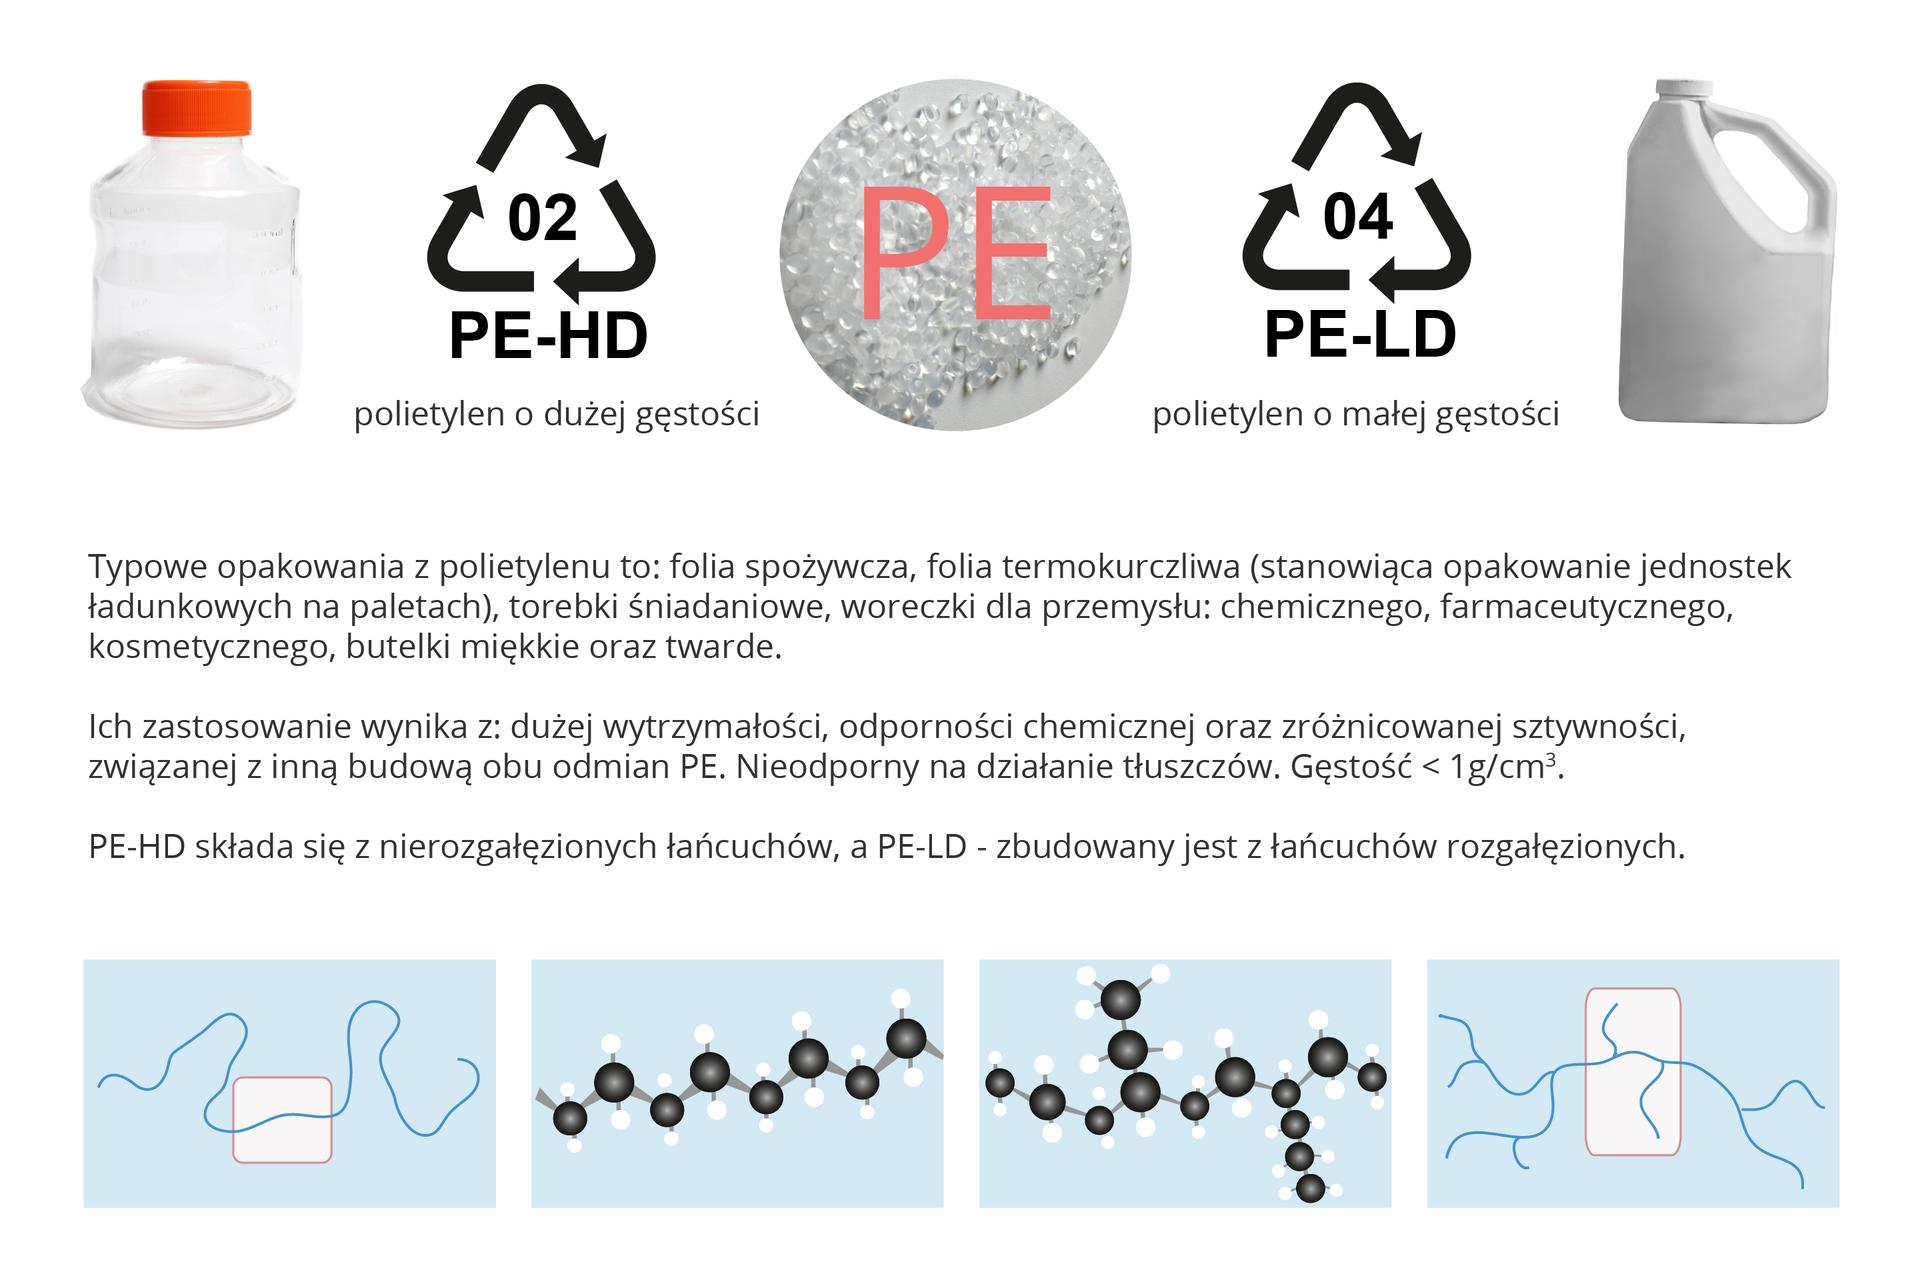 Graficzne zobrazowanie właściwości izastosowania polietylenu. Przedstawione są opakowania zpolietylenu, butelki miękkie itwarde, piktogramy polietylenu odużej oraz małej gęstości. Na dole grafiki widać obrazki PE-HD, który składa się znierozgałęzionych łańcuchów oraz PE-LD zbudowany złańcuchów rozgałęzionych. Wtekście zostały przedstawione przykłądy typowych opakowań zpolietylenu oraz ich zastosowanie.